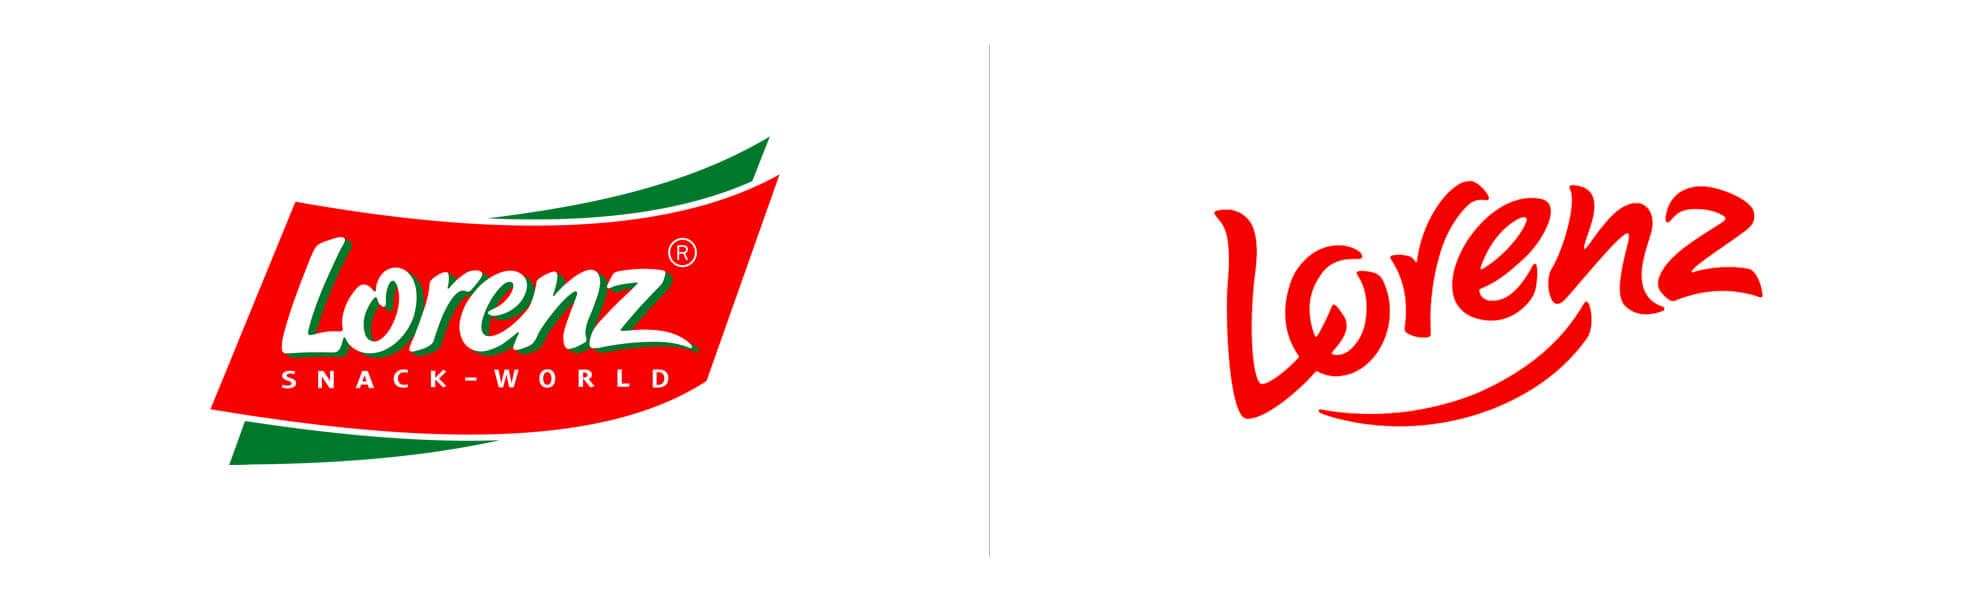 Lorenz zmienia logo